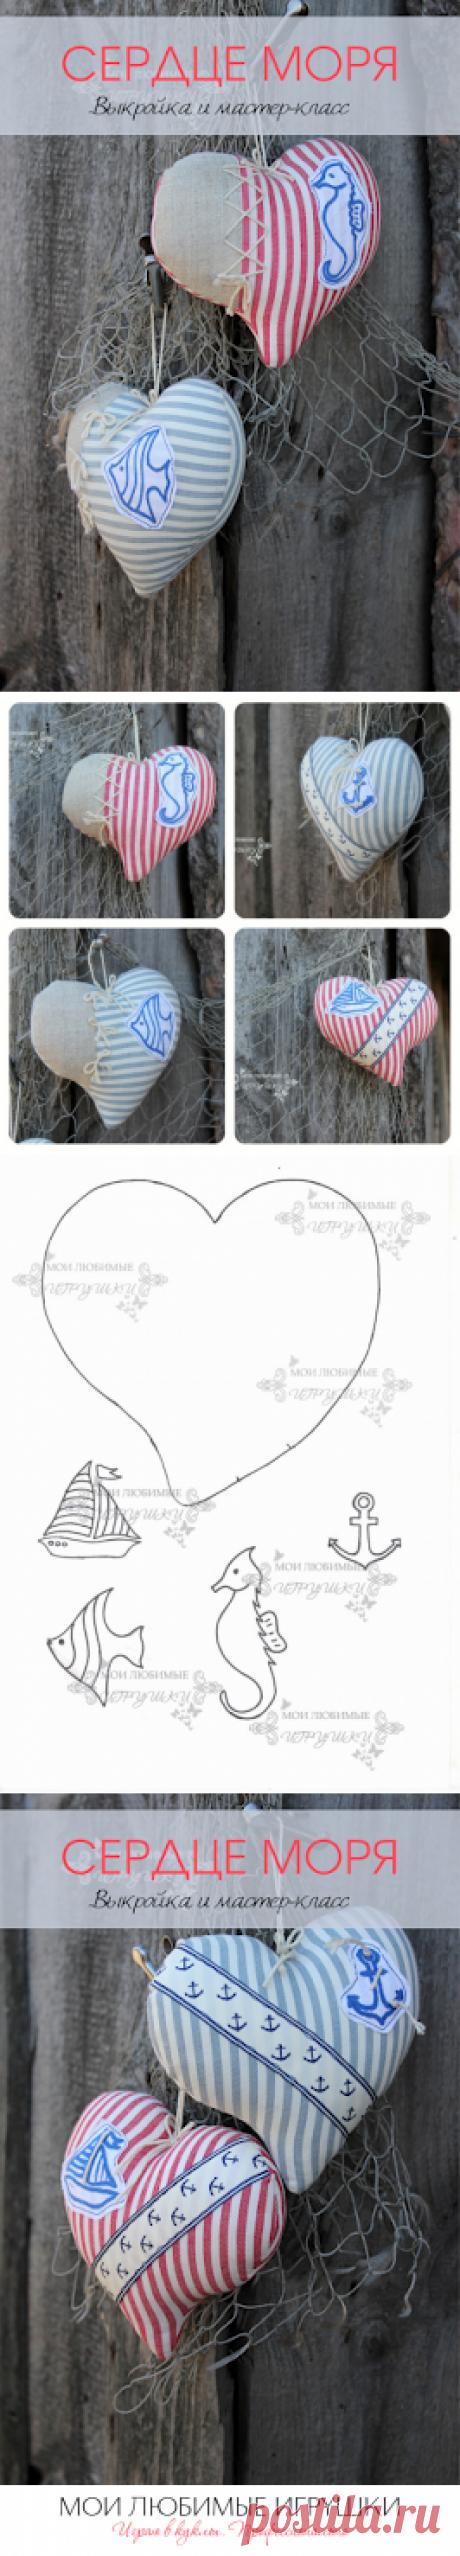 Мои любимые игрушки   Авторские куклы ручной работы Анны Балябиной:  Декоративные подвески Сердце моря. Выкройка и мастер-класс.